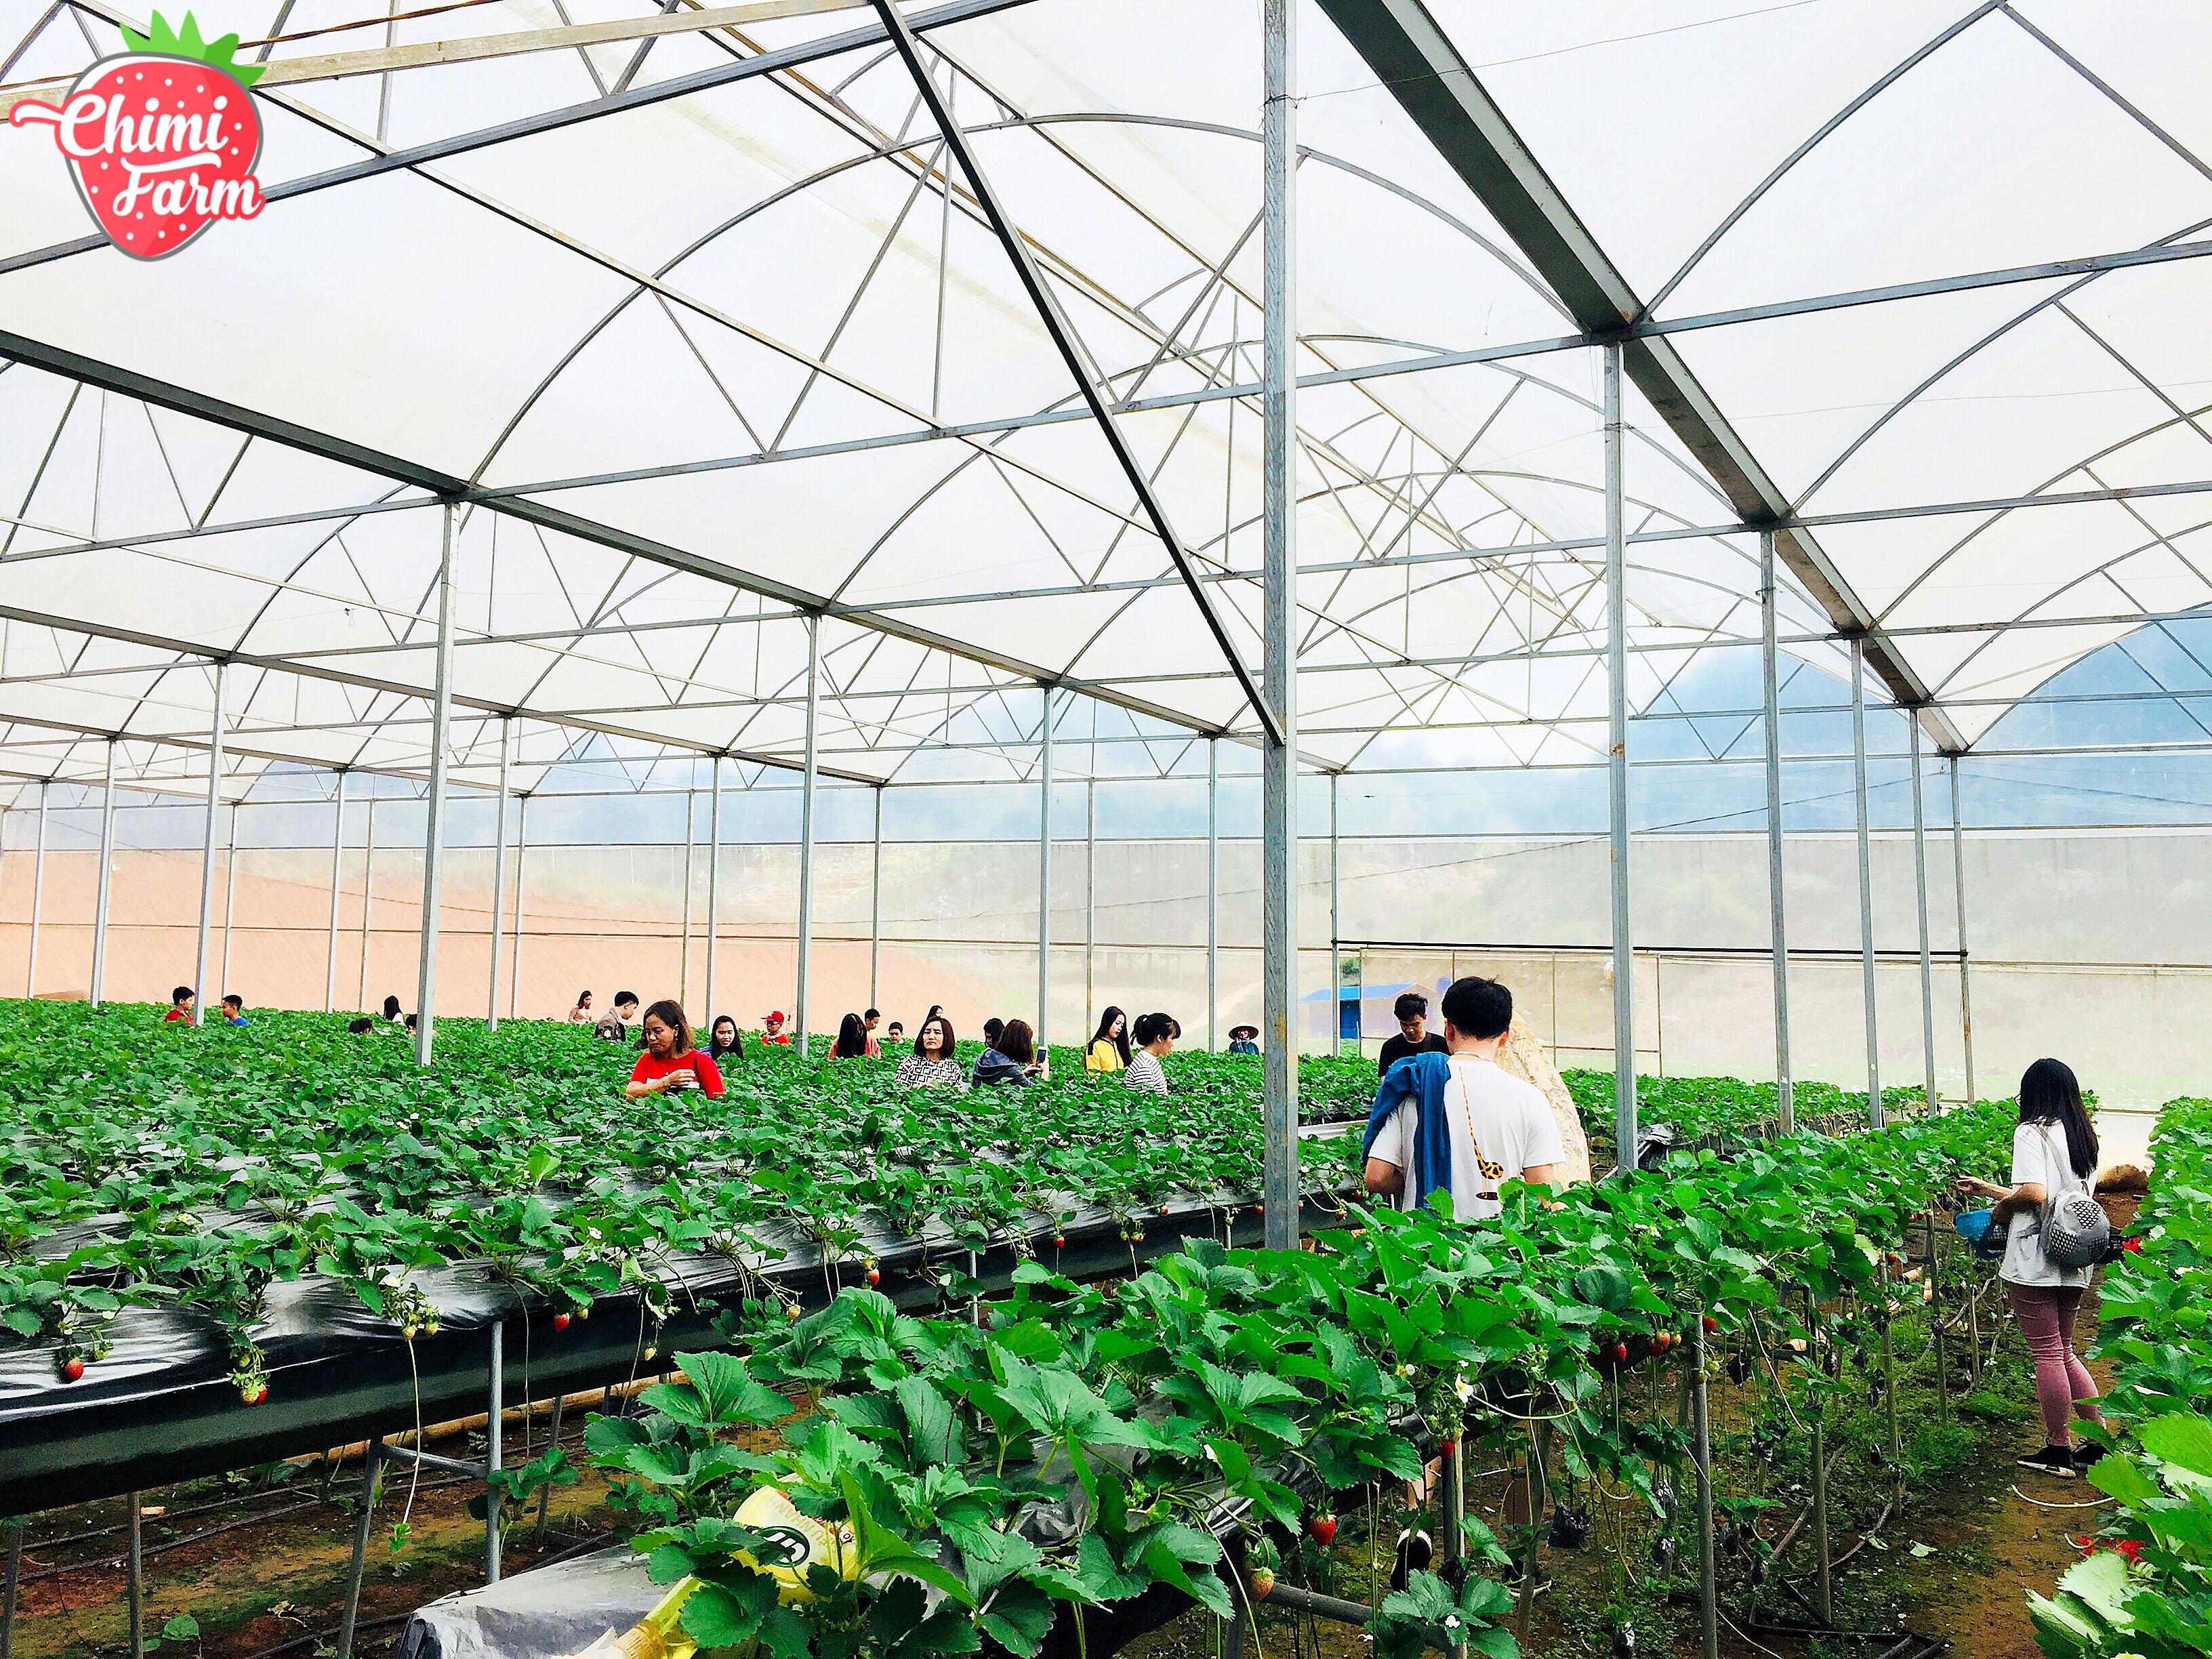 Mô hình trang trại nông nghiệp cao của Chimi farm